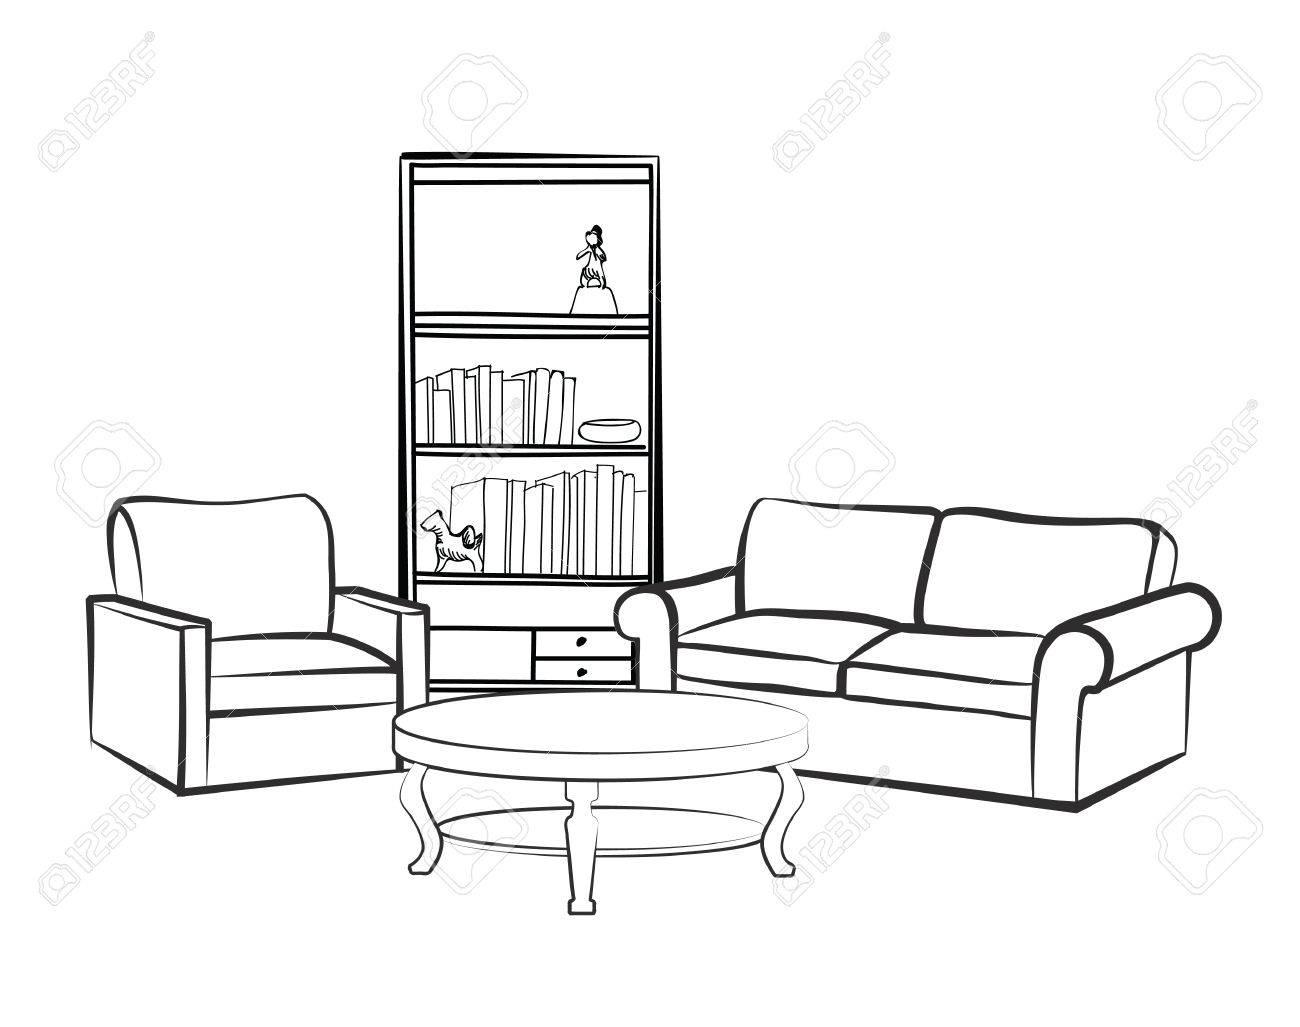 Home Interior Mobel Mit Sofa Sessel Tisch Bucherregal Und Booksl